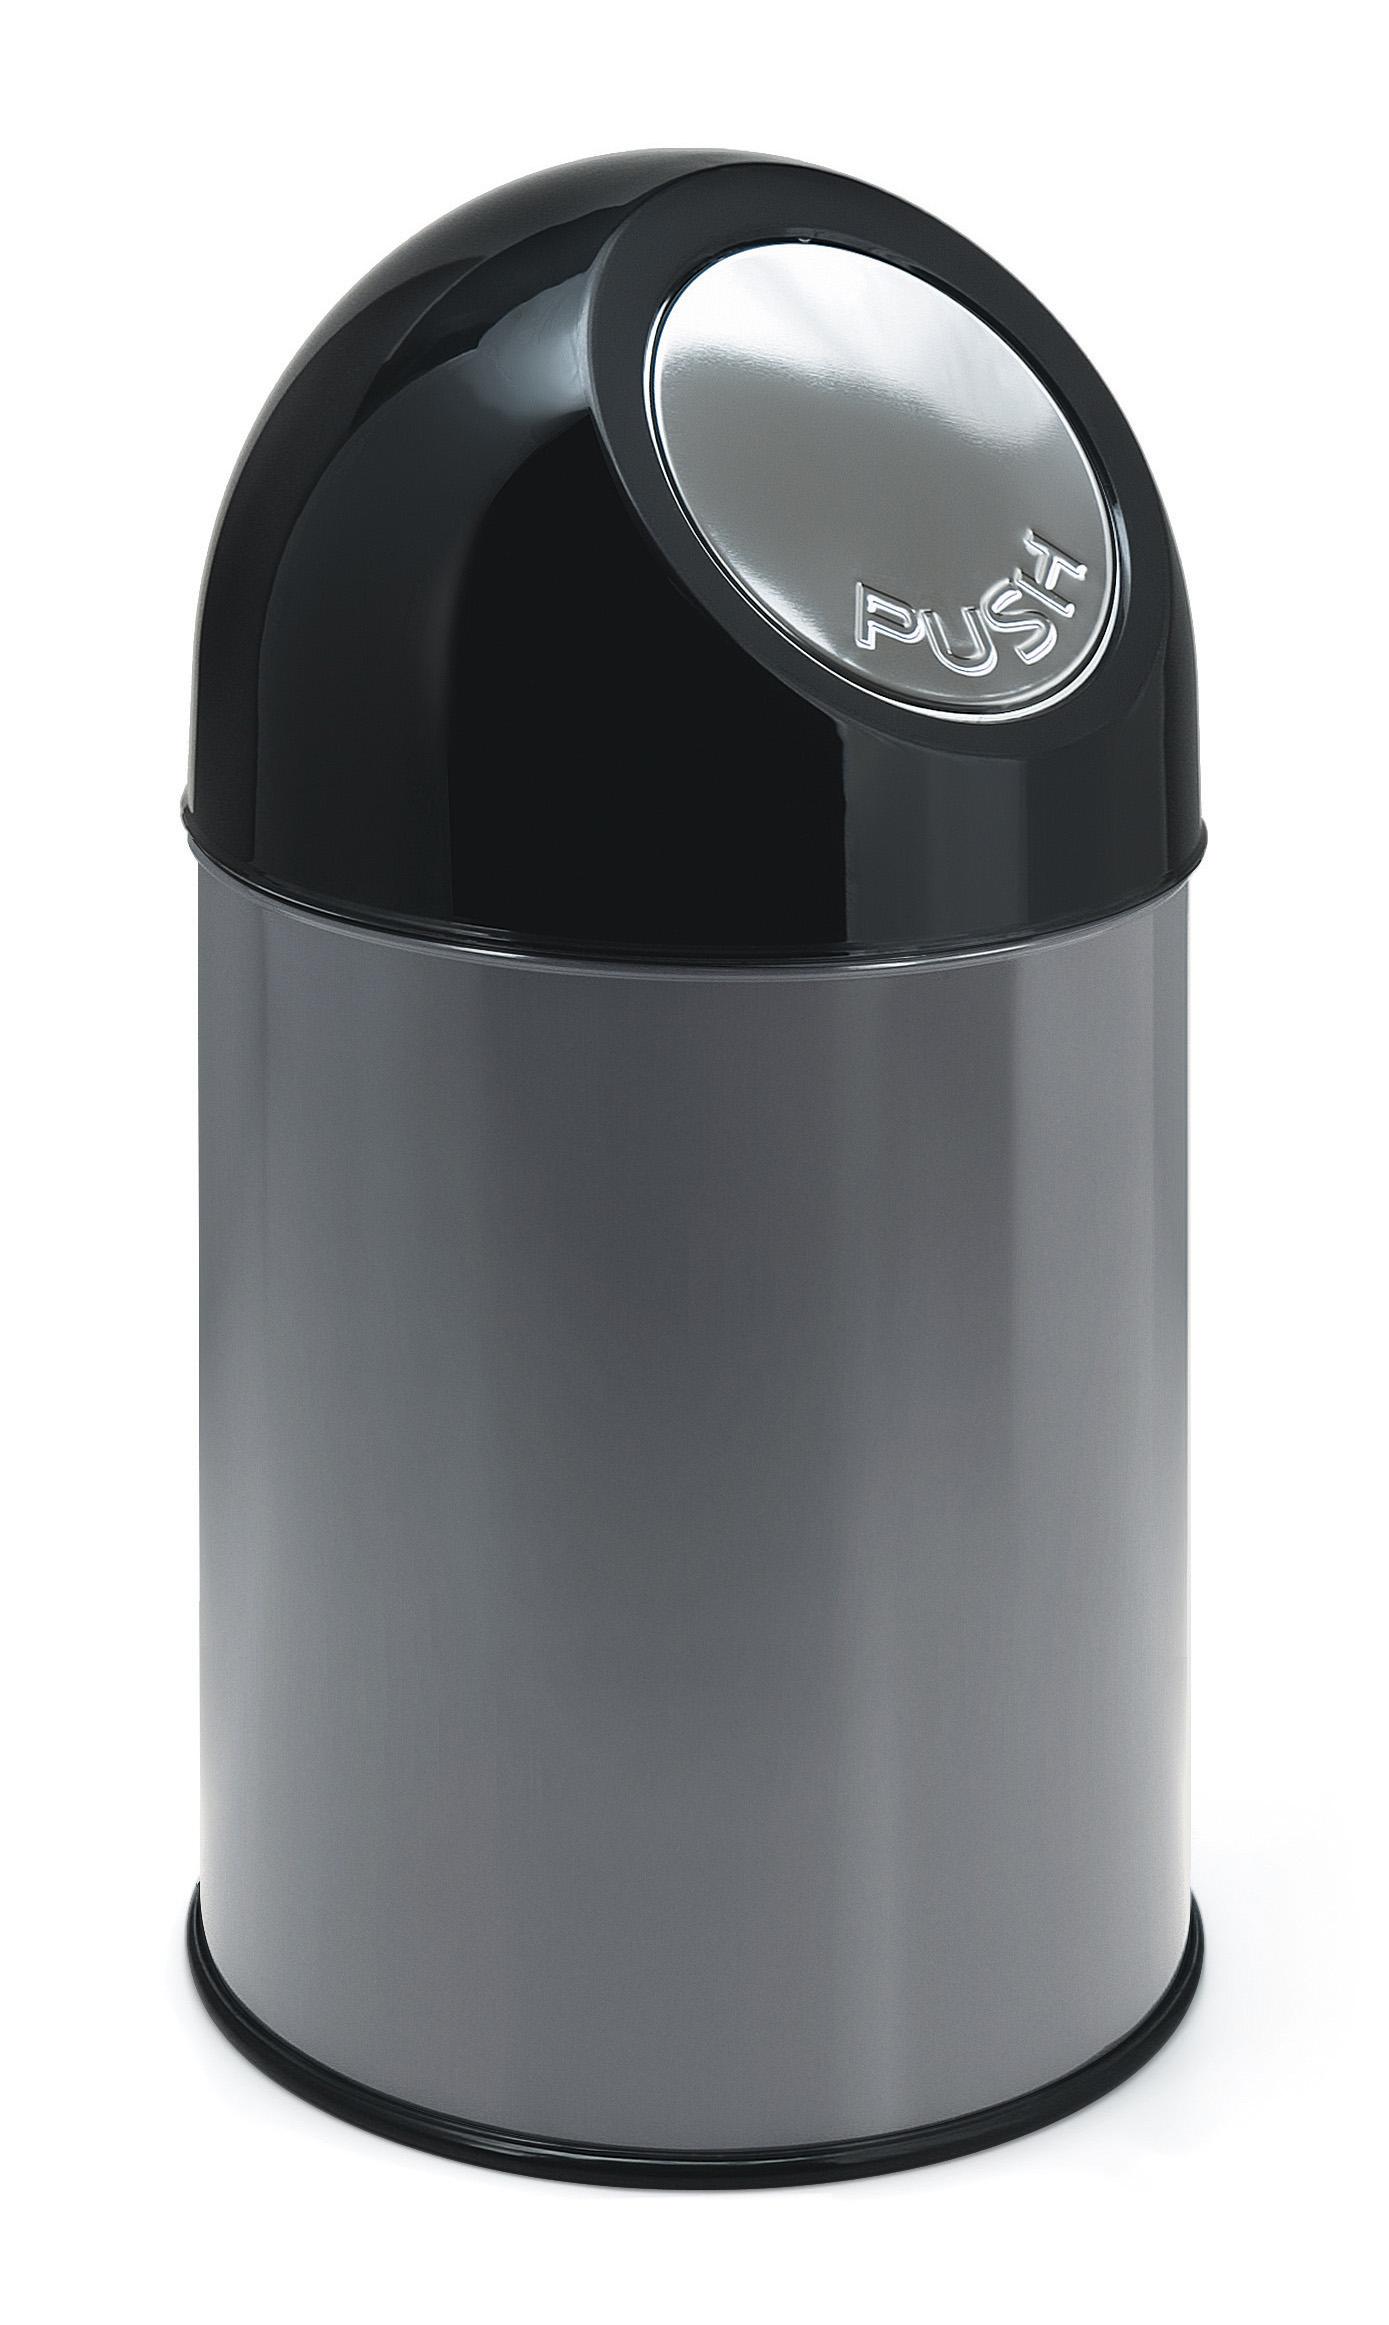 Afvalbak met pushdeksel en binnenemmer, 30 liter (VB460002G)